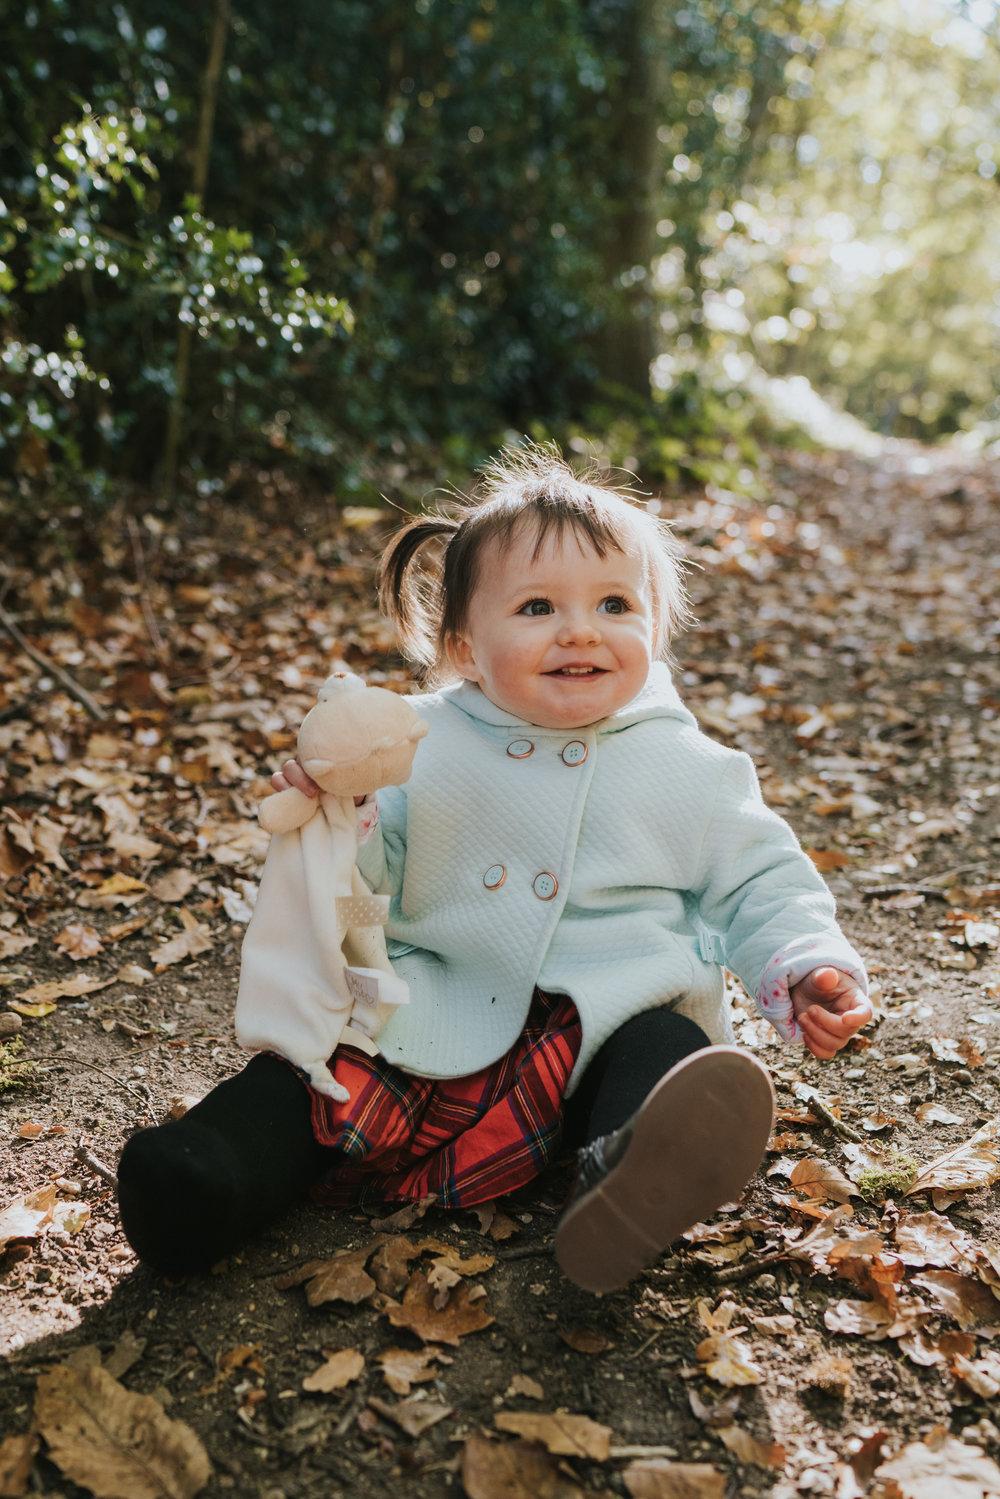 dow-woodland-family-session-colchester-essex-grace-elizabeth-colchester-essex-alternative-wedding-lifestyle-photographer-essex-suffolk-norfolk-devon (15 of 31).jpg